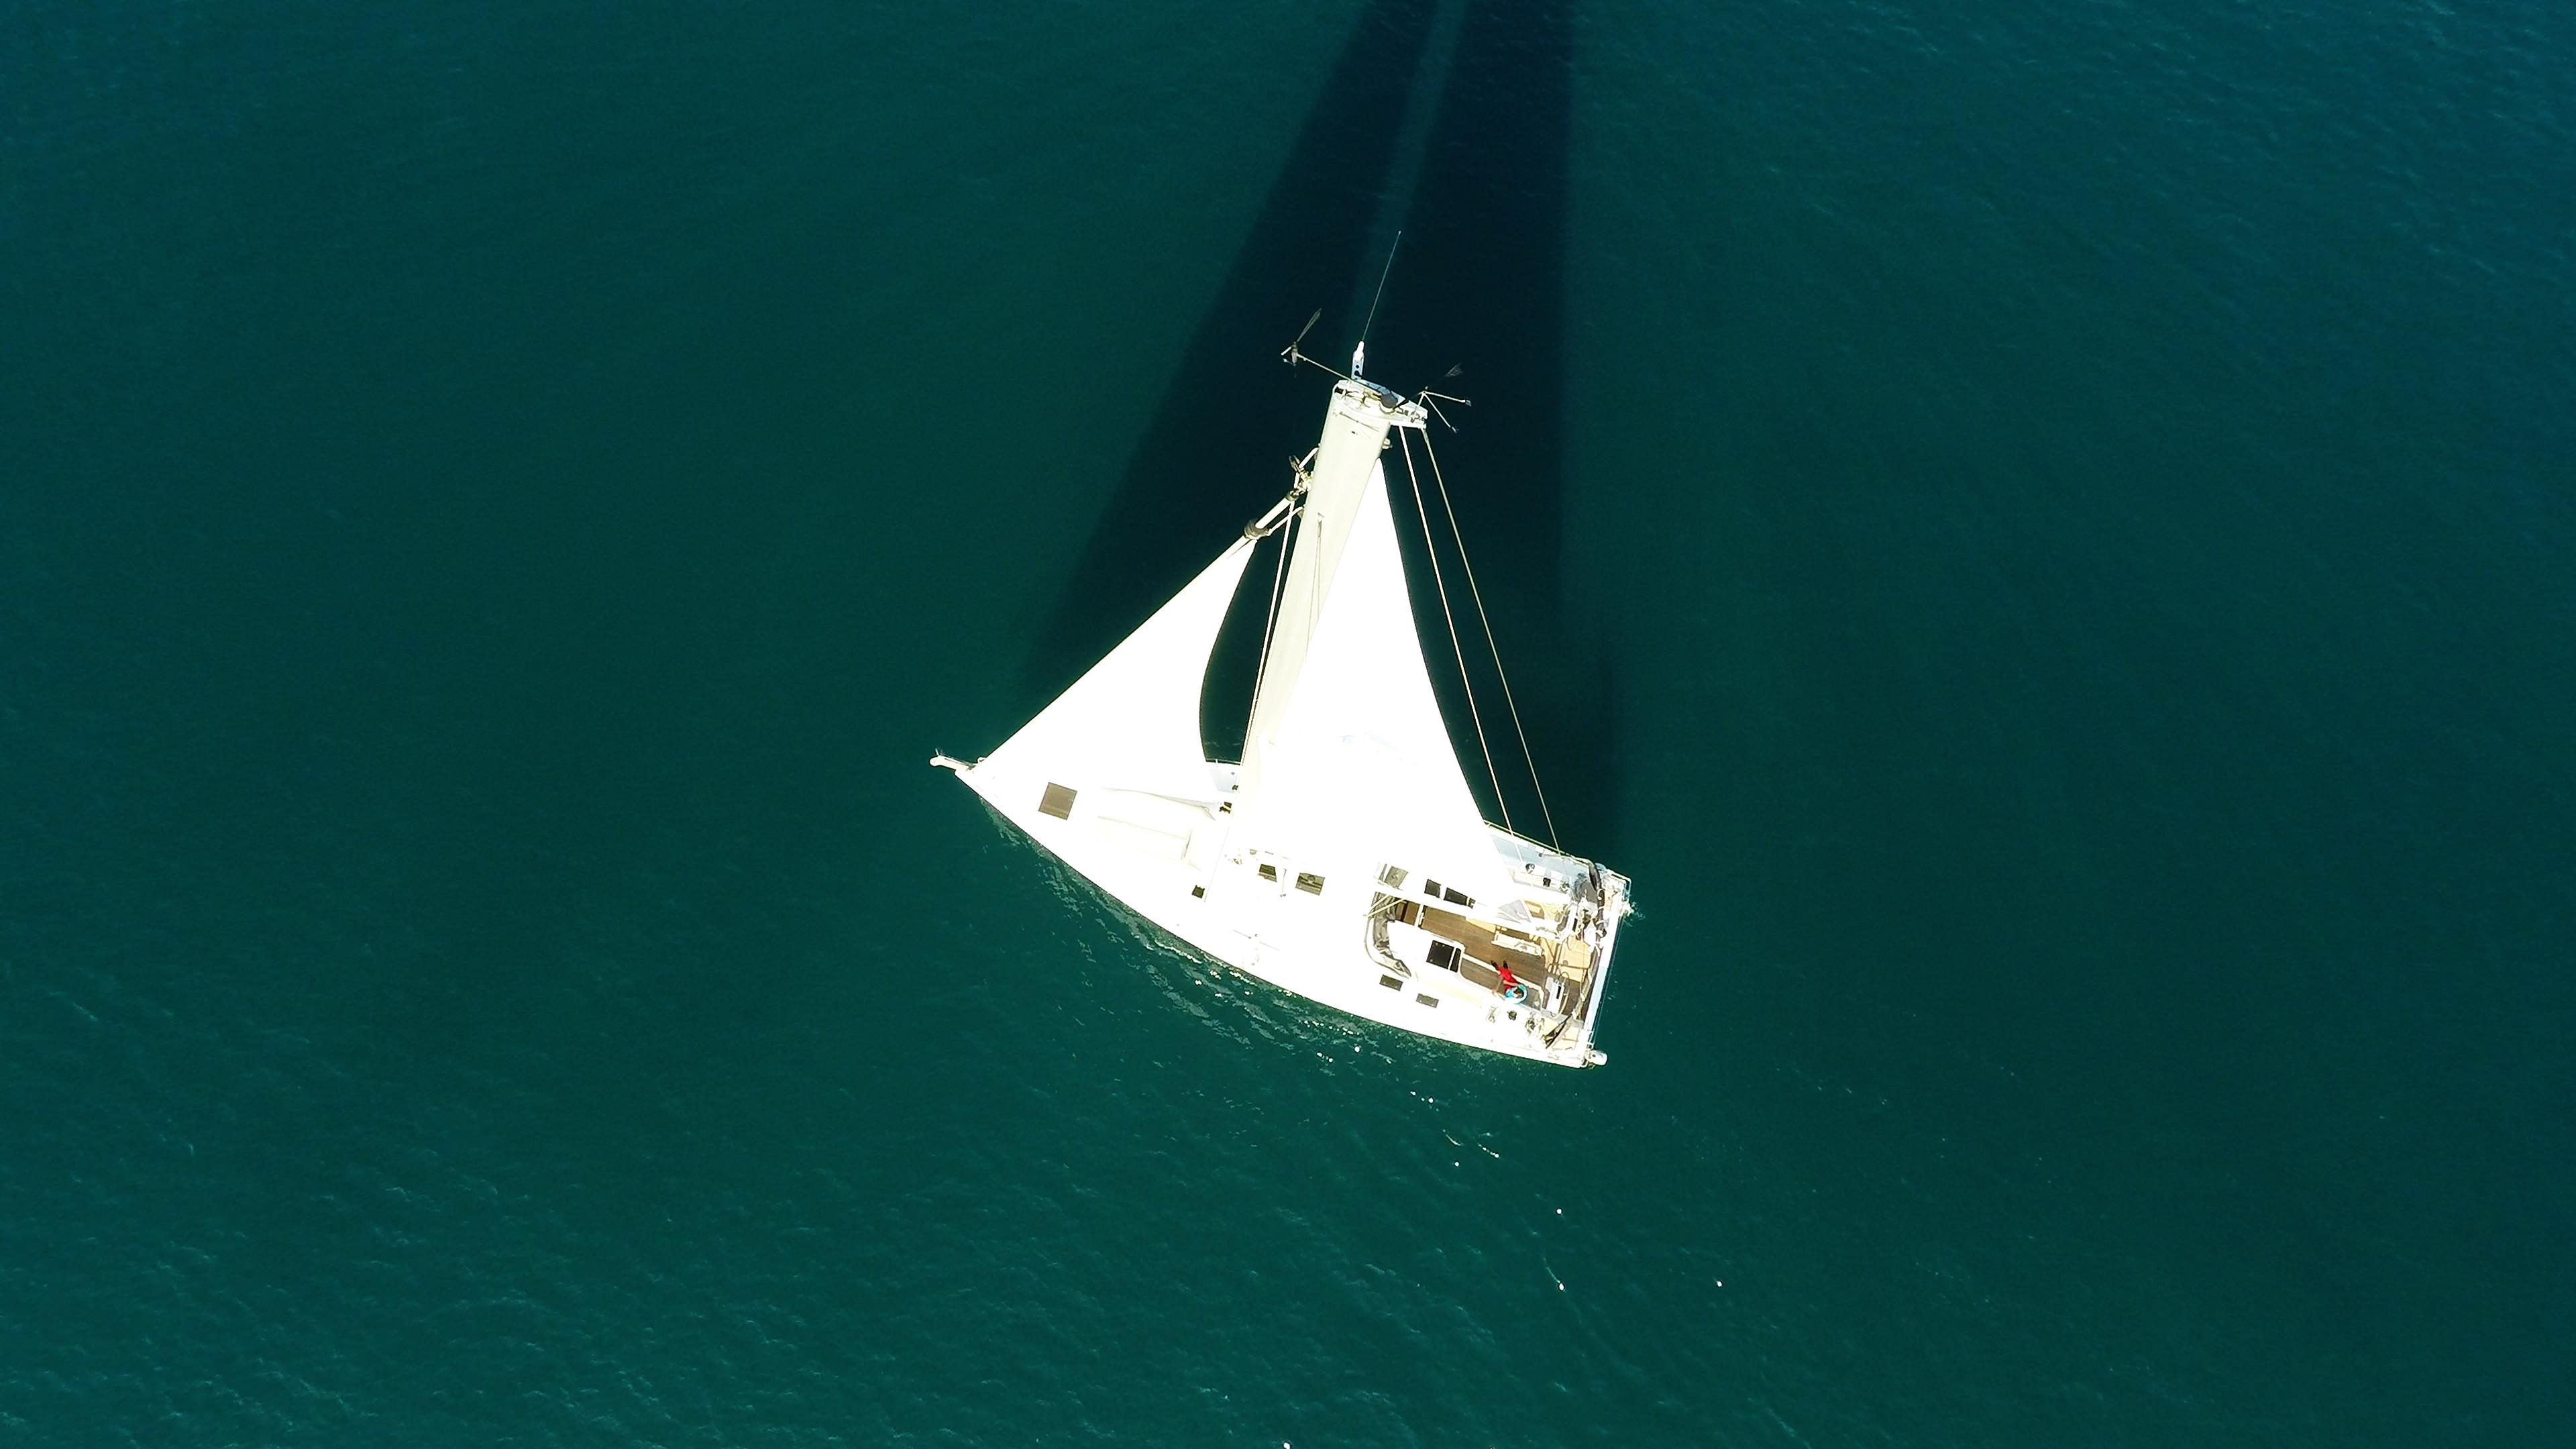 barcha a vela barca a vela vista di uccello cima dell'albero randa veleggiare ponte mare